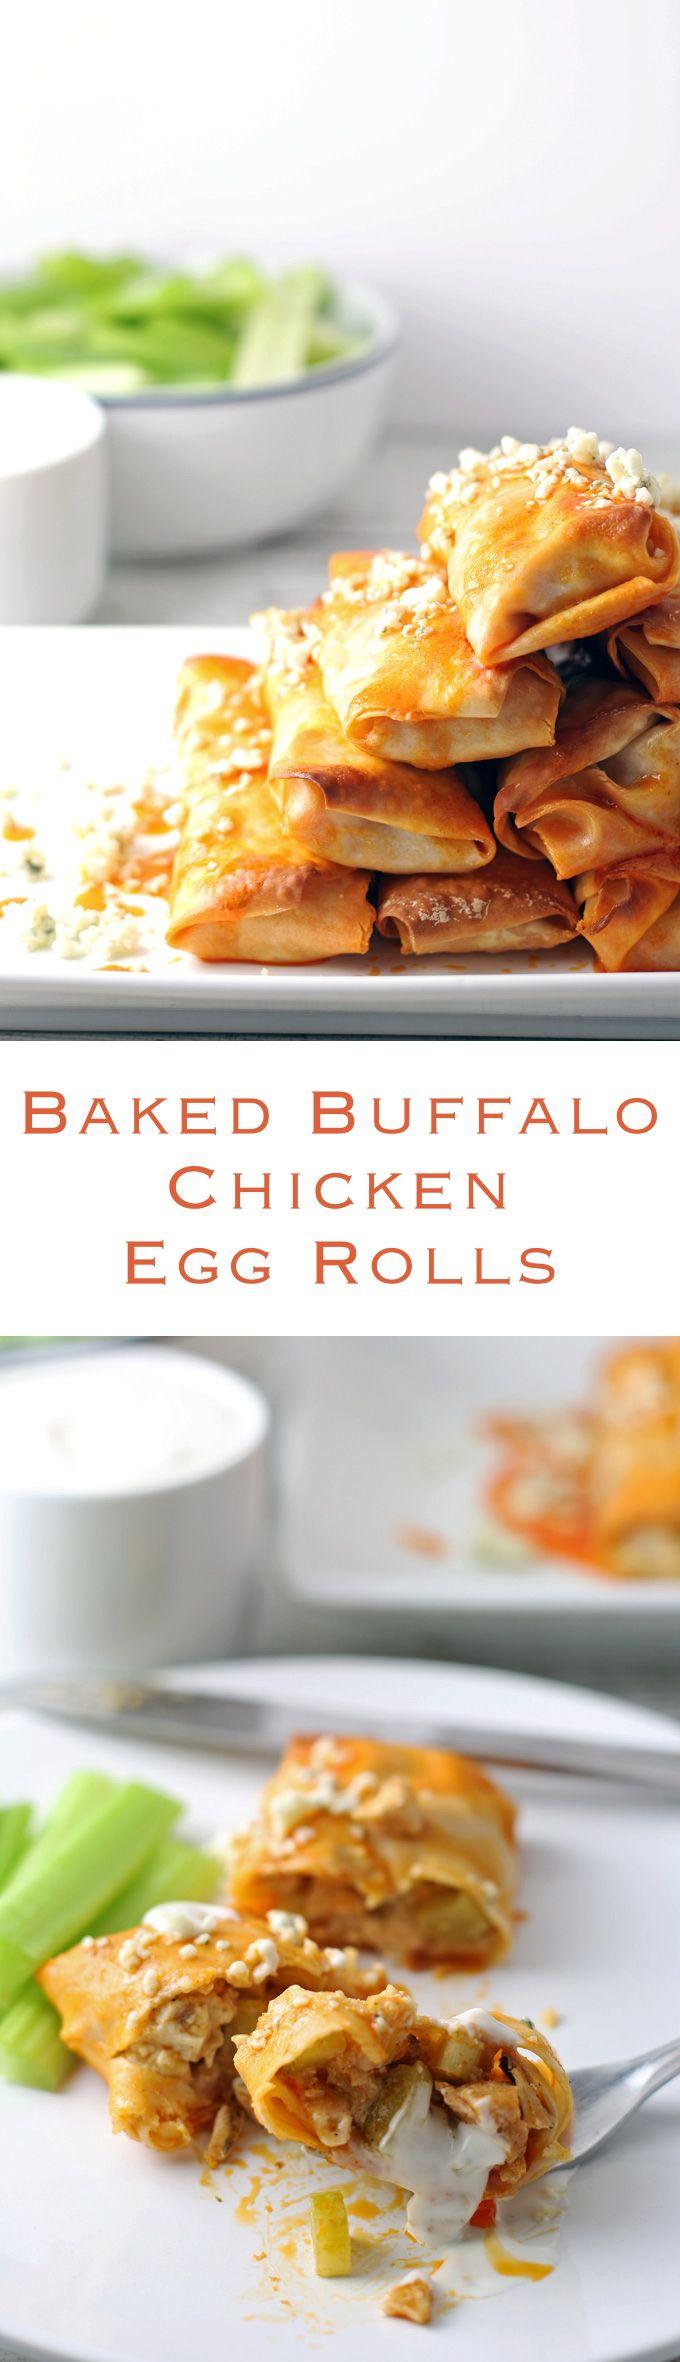 Baked Buffalo Chicken Egg Rolls - great as appetizers! | honeyandbirch.com